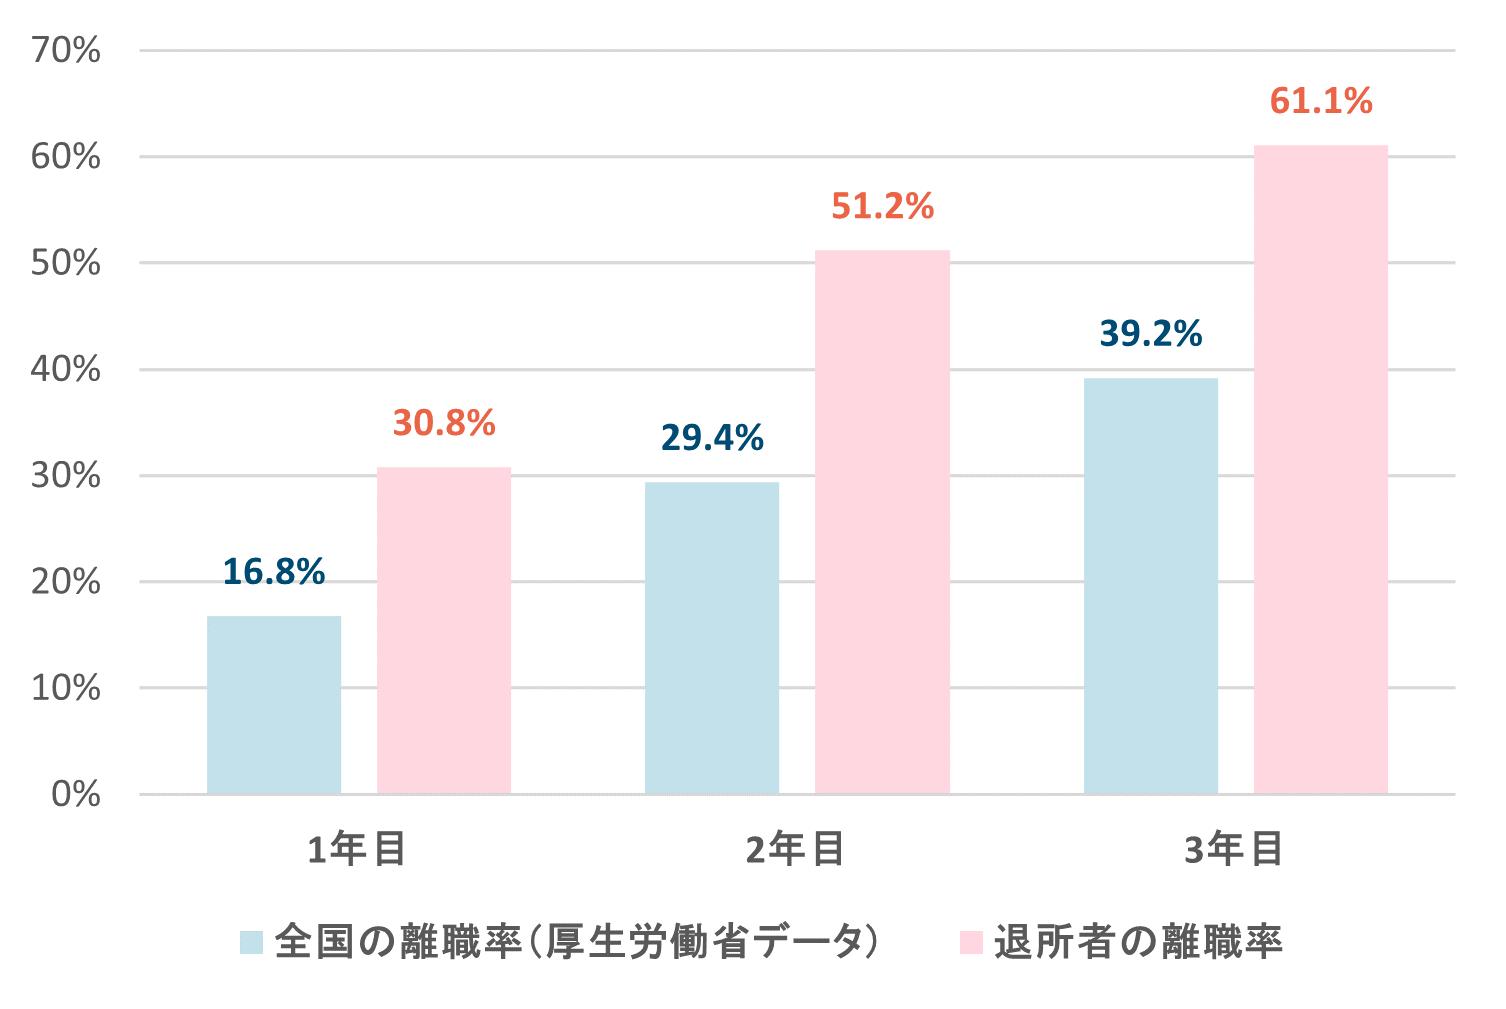 棒グラフ:全国3年後離職率(厚生労働省調査)と施設生活経験者の離職率の比較(1年目では既に14ポイントの差が出ており、3年目になるとその差は21.9ポイントに開いている)